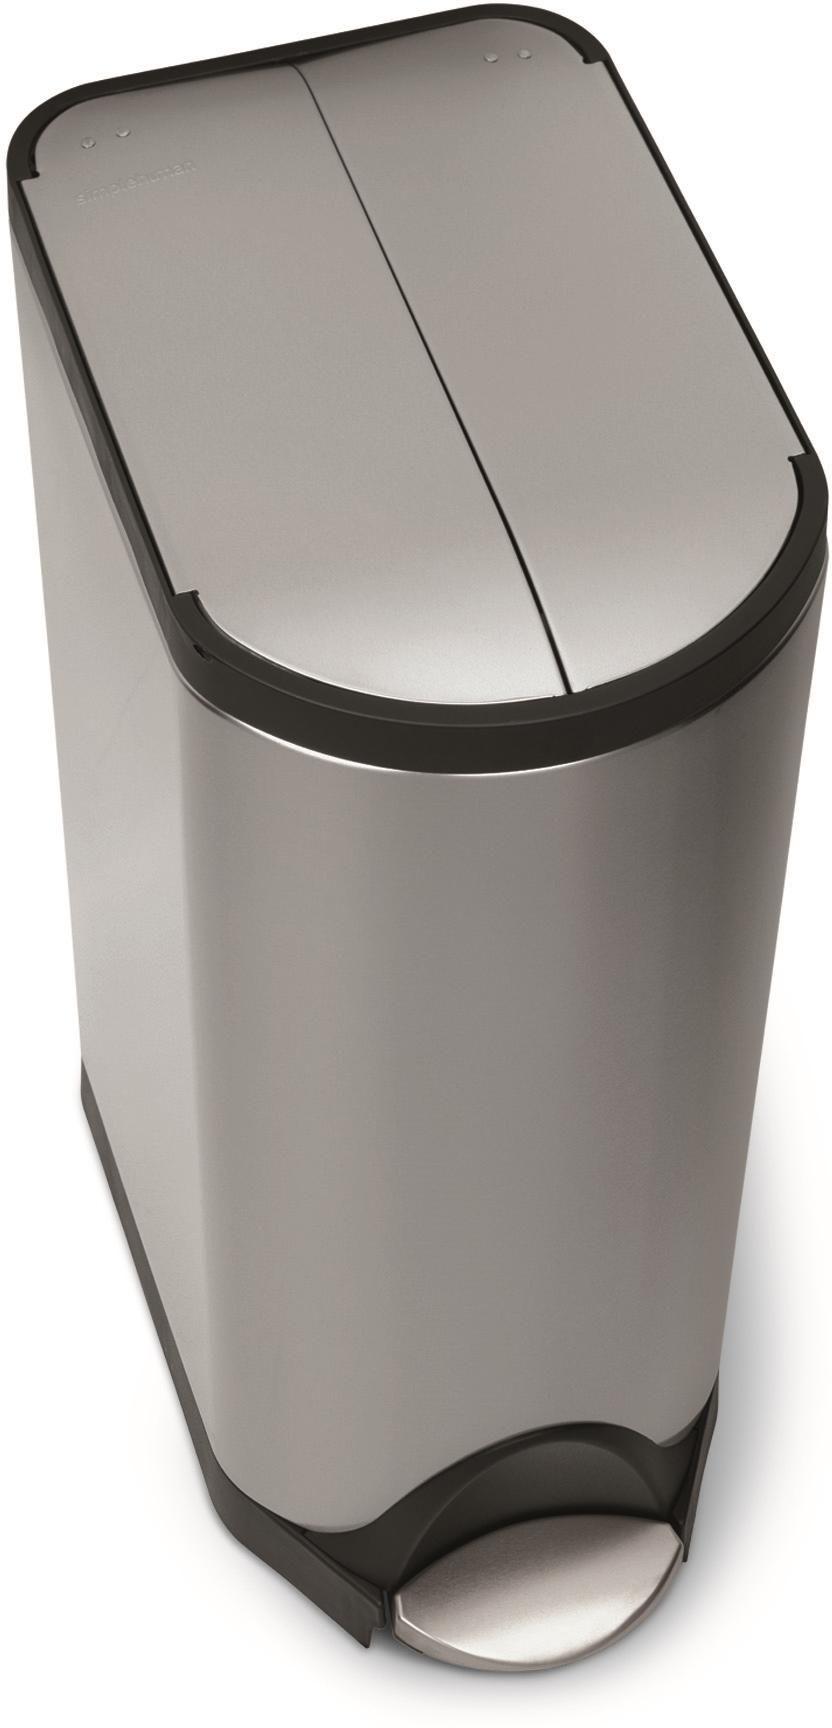 abfalleimer butterfly 30 liter matt edelstahl simplehuman kaufen. Black Bedroom Furniture Sets. Home Design Ideas